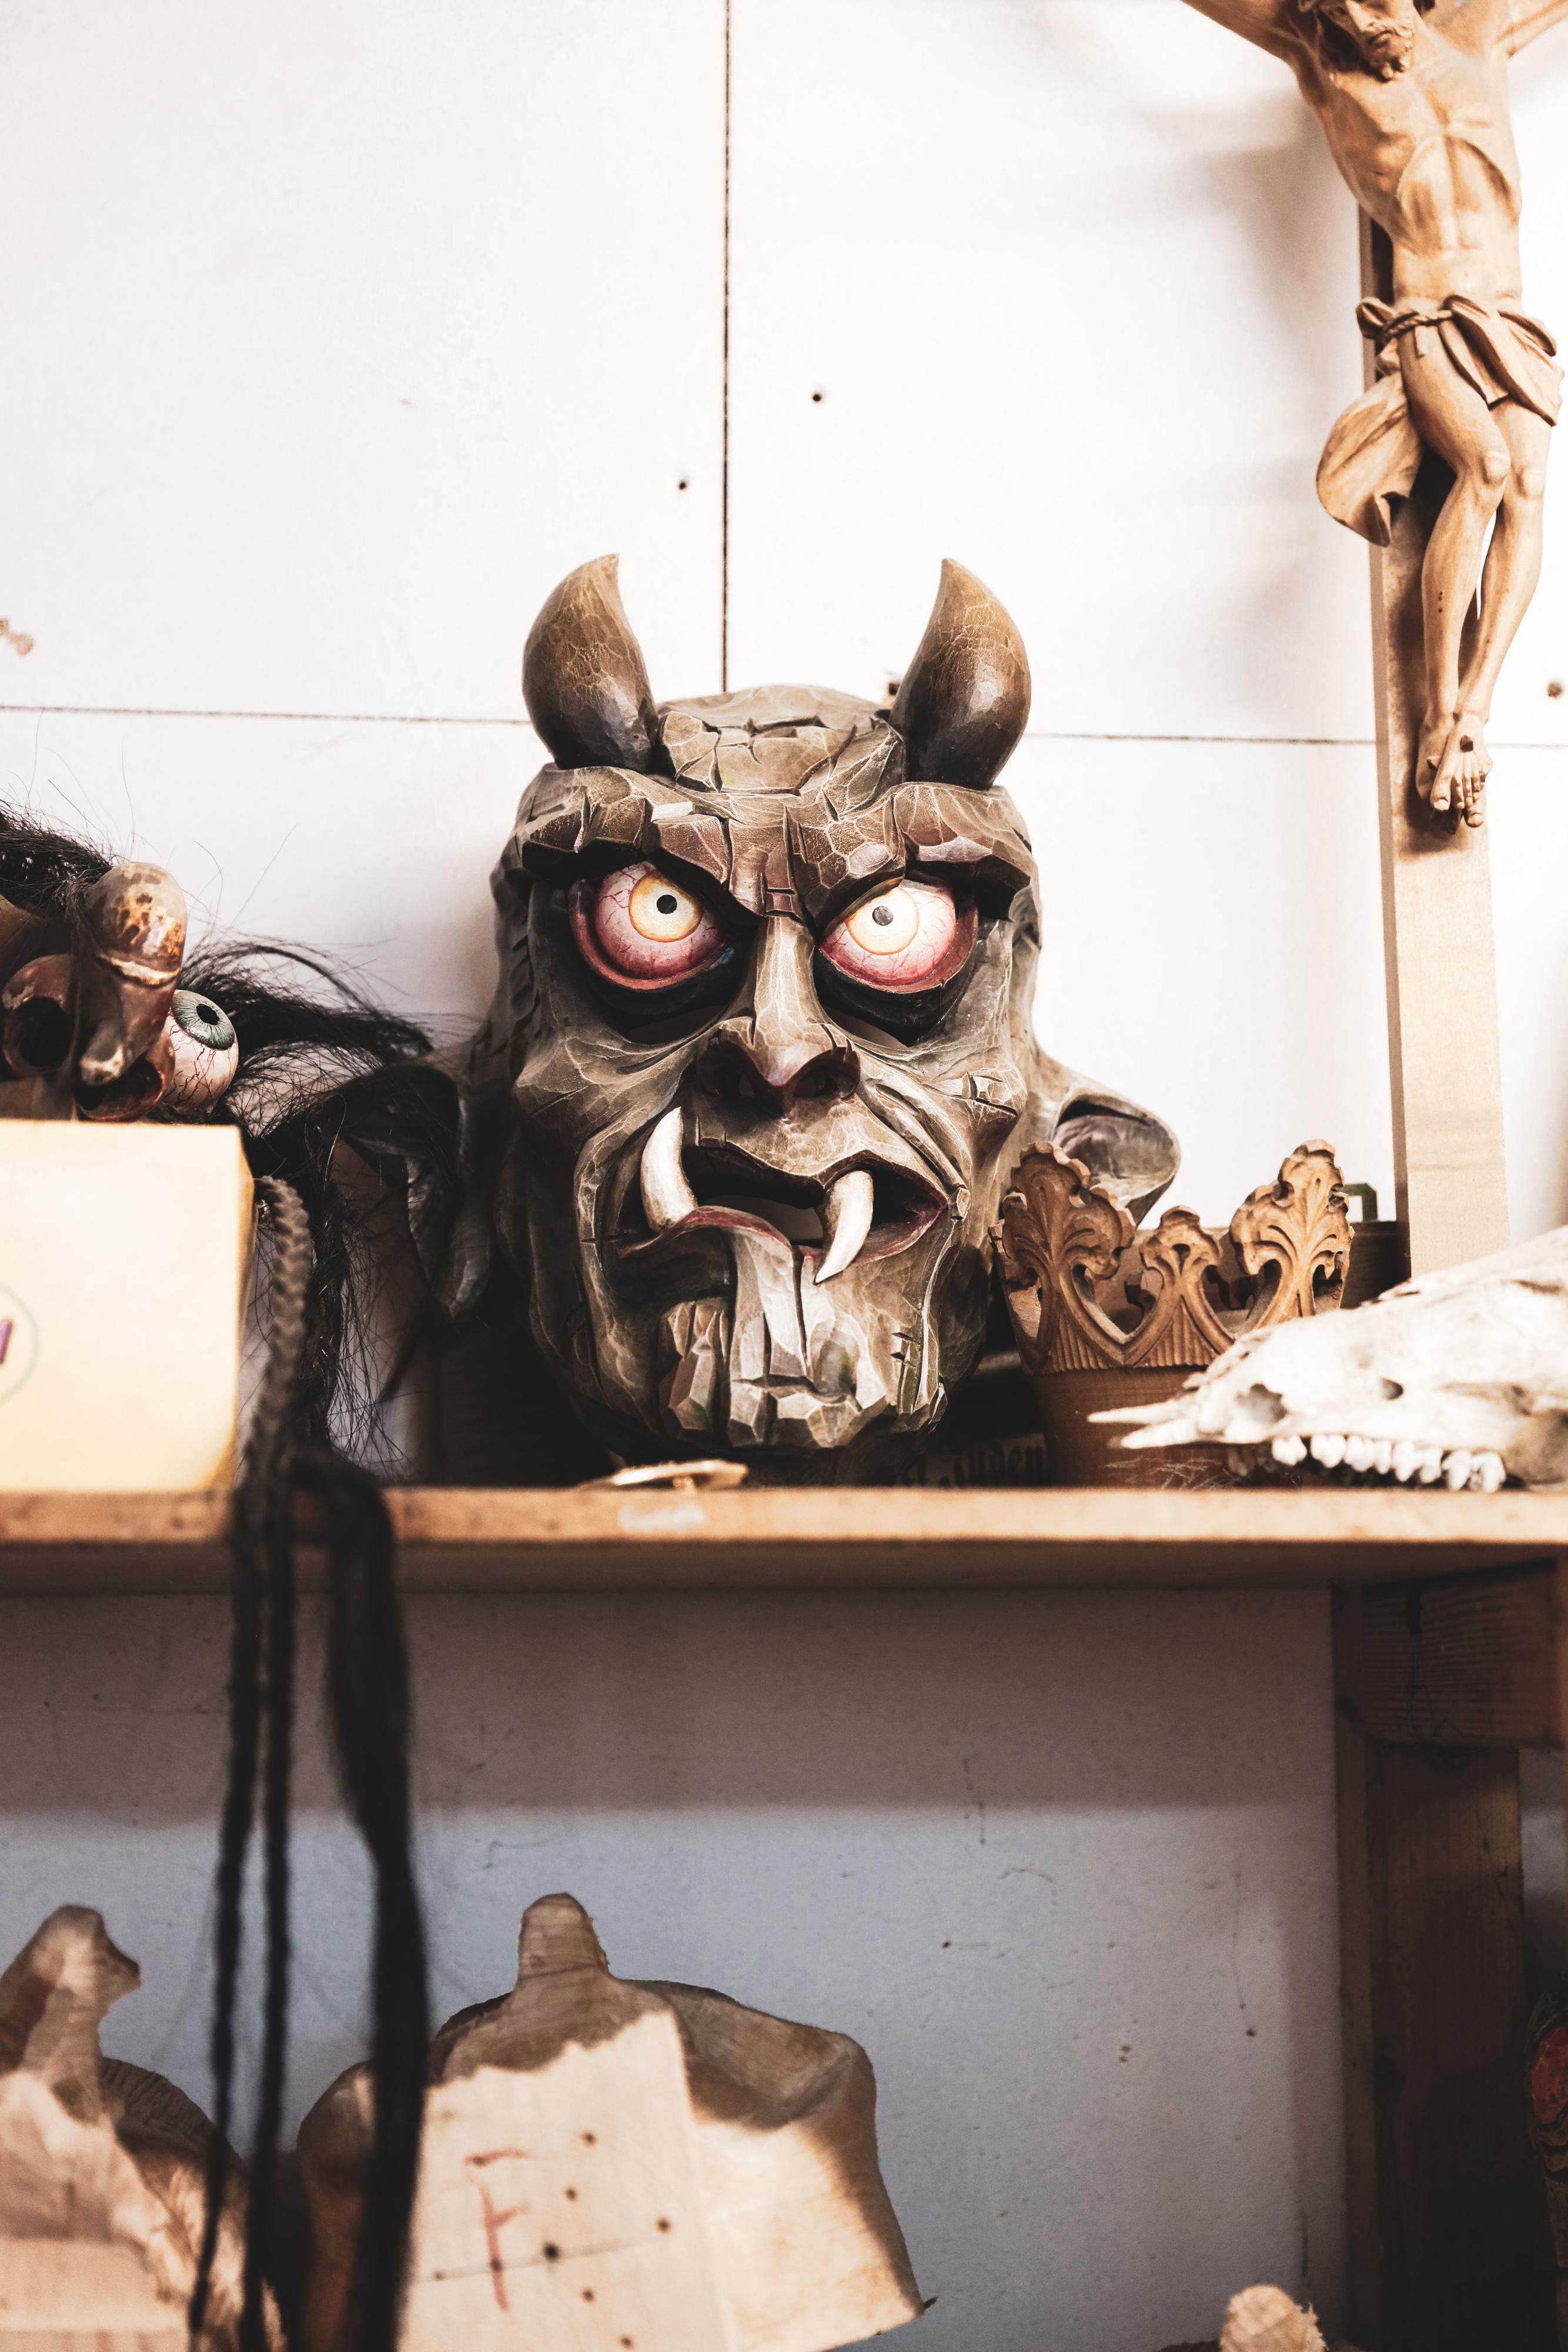 Maskenschnitzer Gernot Zechling